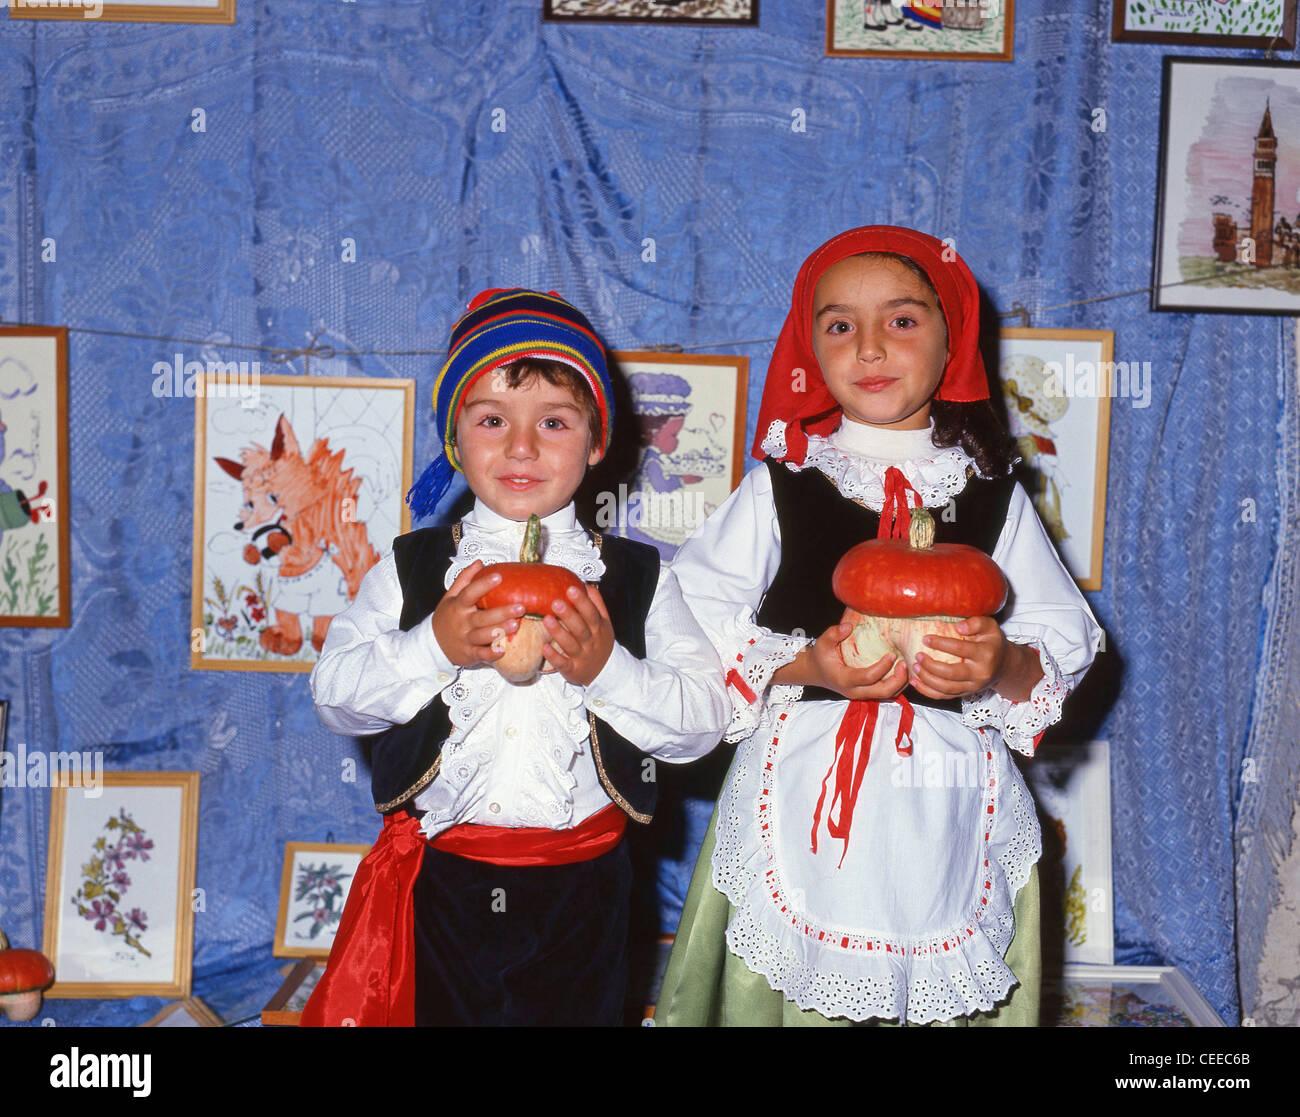 Los niños con trajes tradicionales, Sorrento, Provincia de Nápoles, Región de Campania, Italia Imagen De Stock